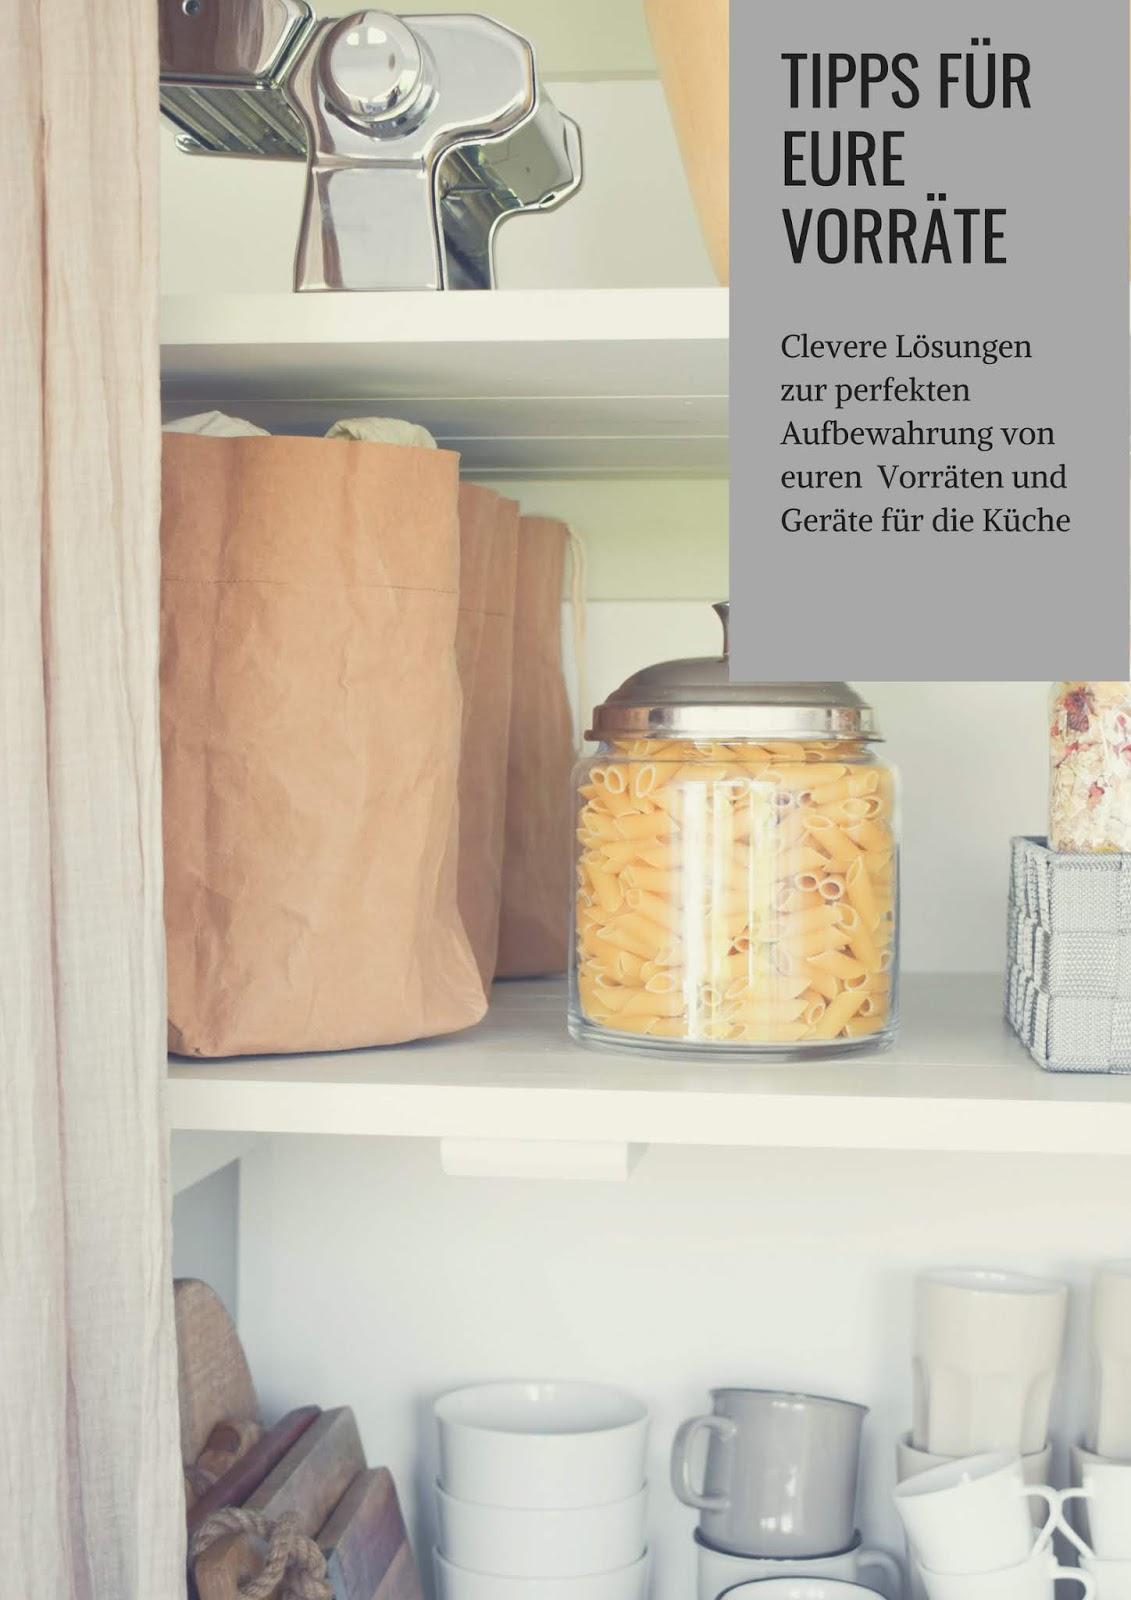 Vorratsschrank Vorratsraum organisieren. Tipps und Tricks für eure Vorräte in Küche, Keller und Garage. Vorratshaltung clever und platzsparend organisiert.